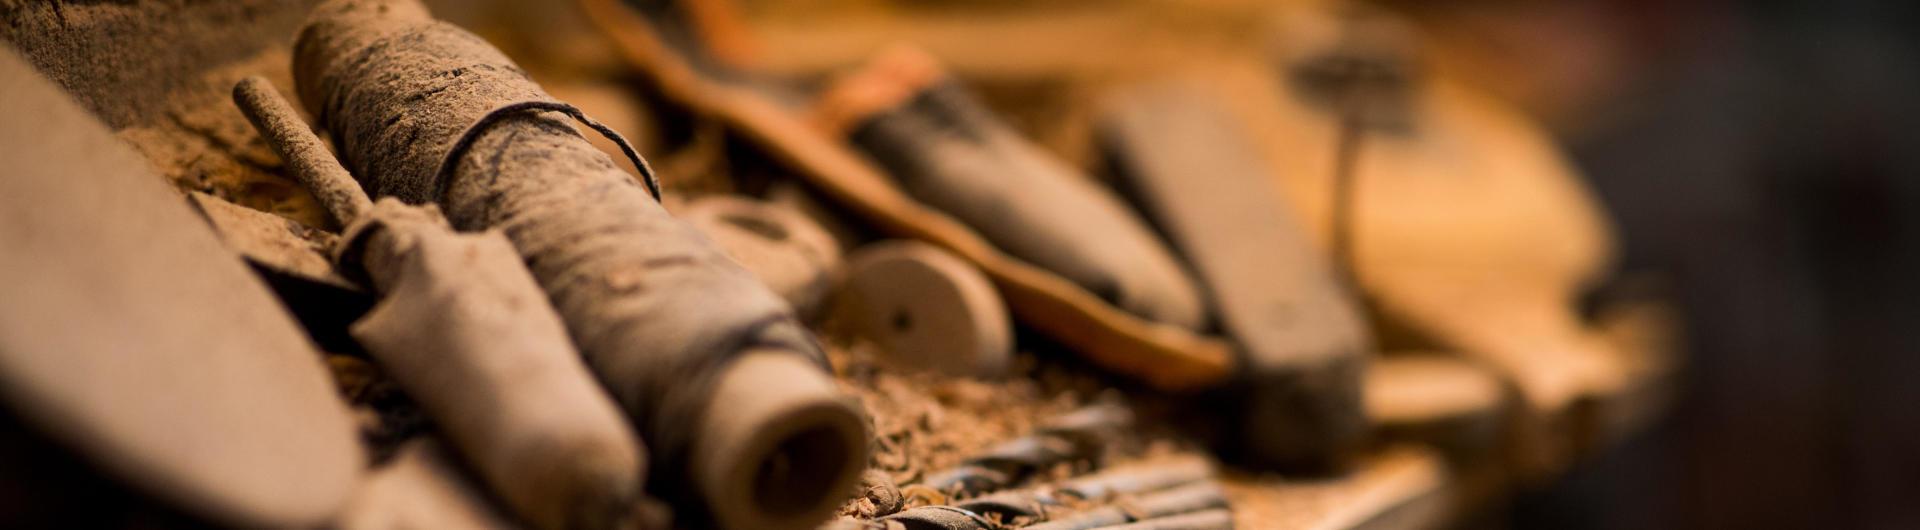 Les outils du sculpteur sur bois Christian Belmas